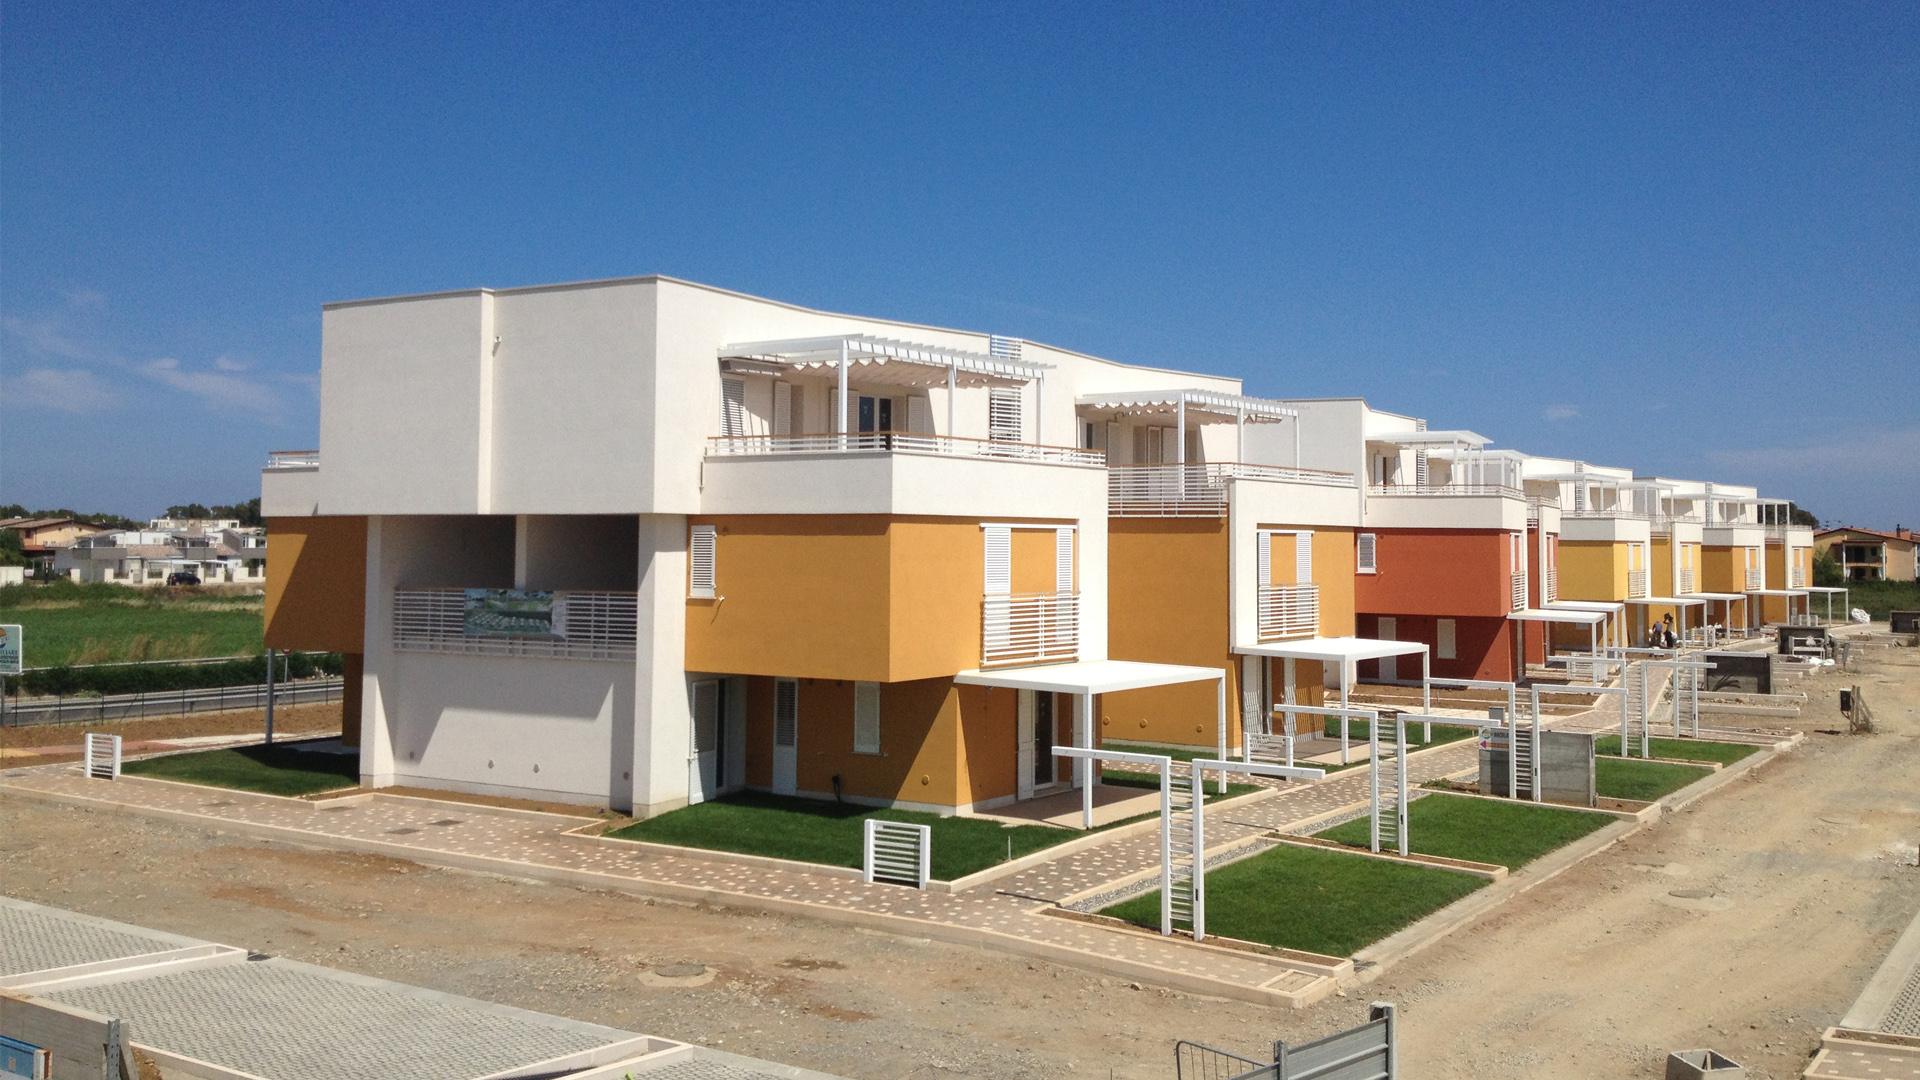 Policoro insediamento turistico olimpia mauro saito for Piccoli piani di progettazione di edifici commerciali